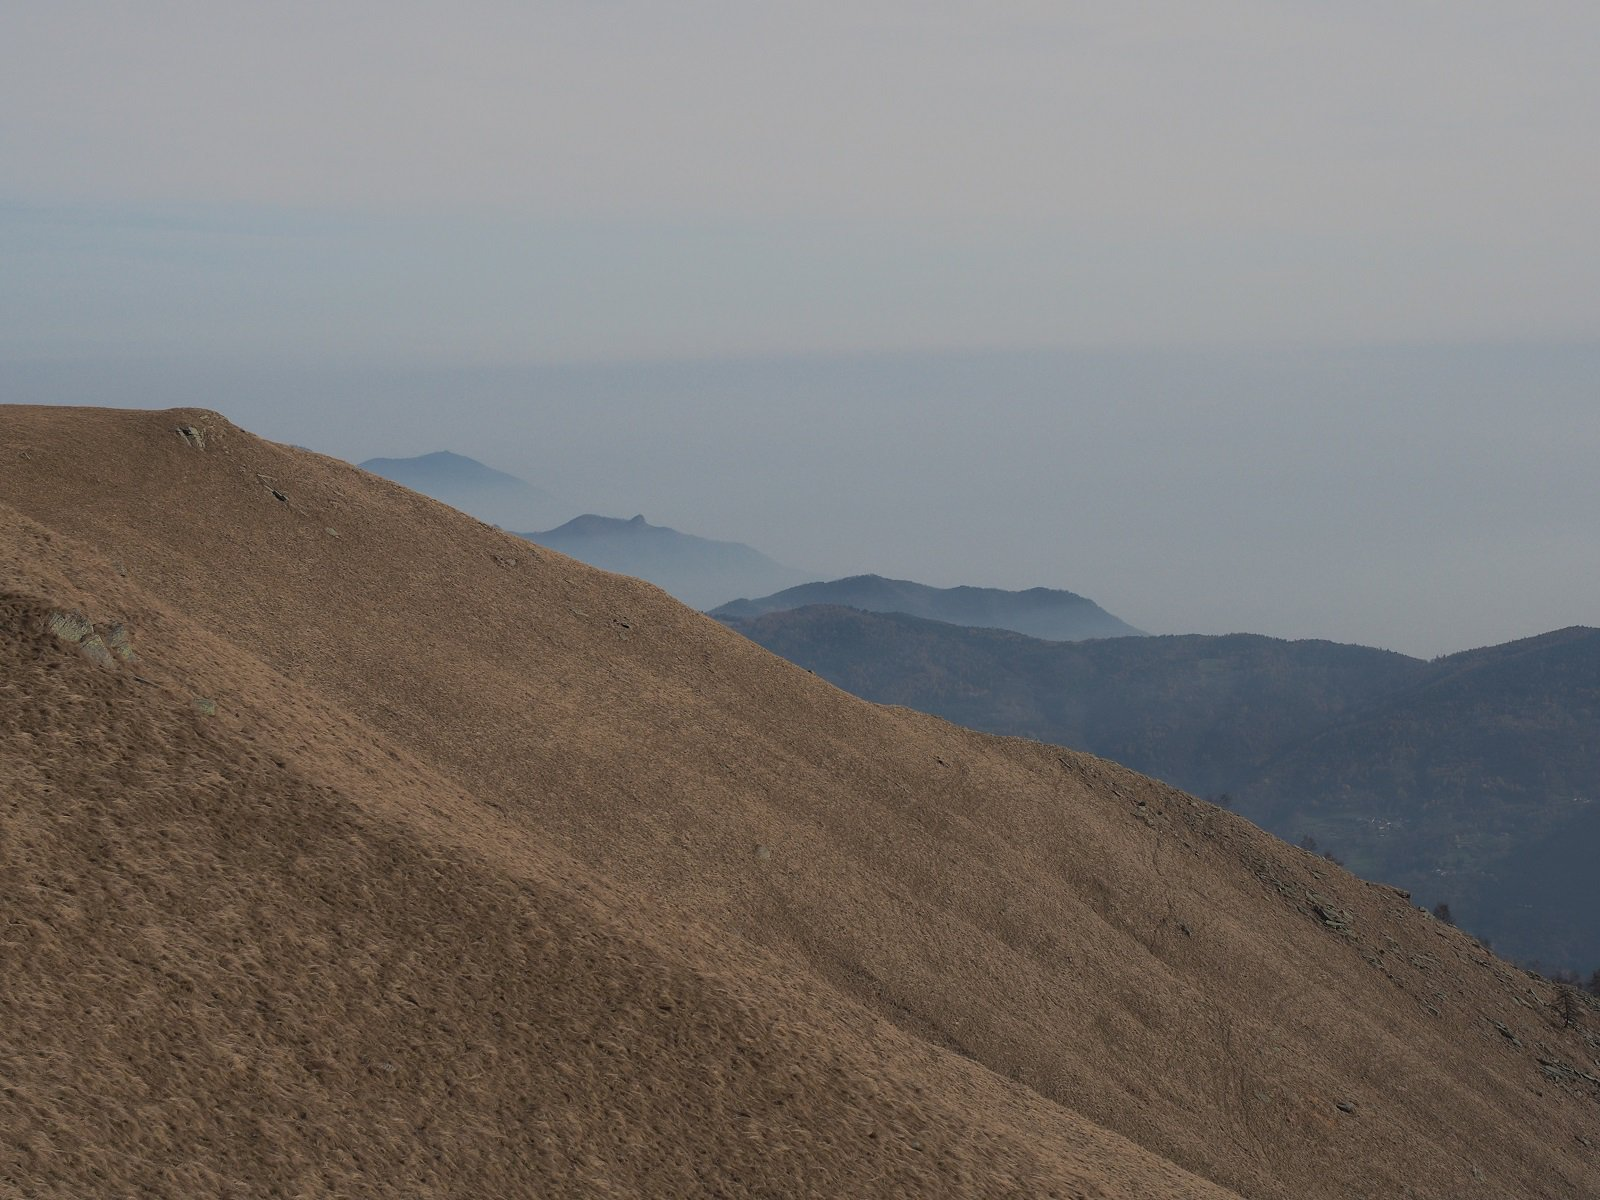 Ampi pendii erbosi lungo la dorsale di salita, con foschia fitta verso la pianura.